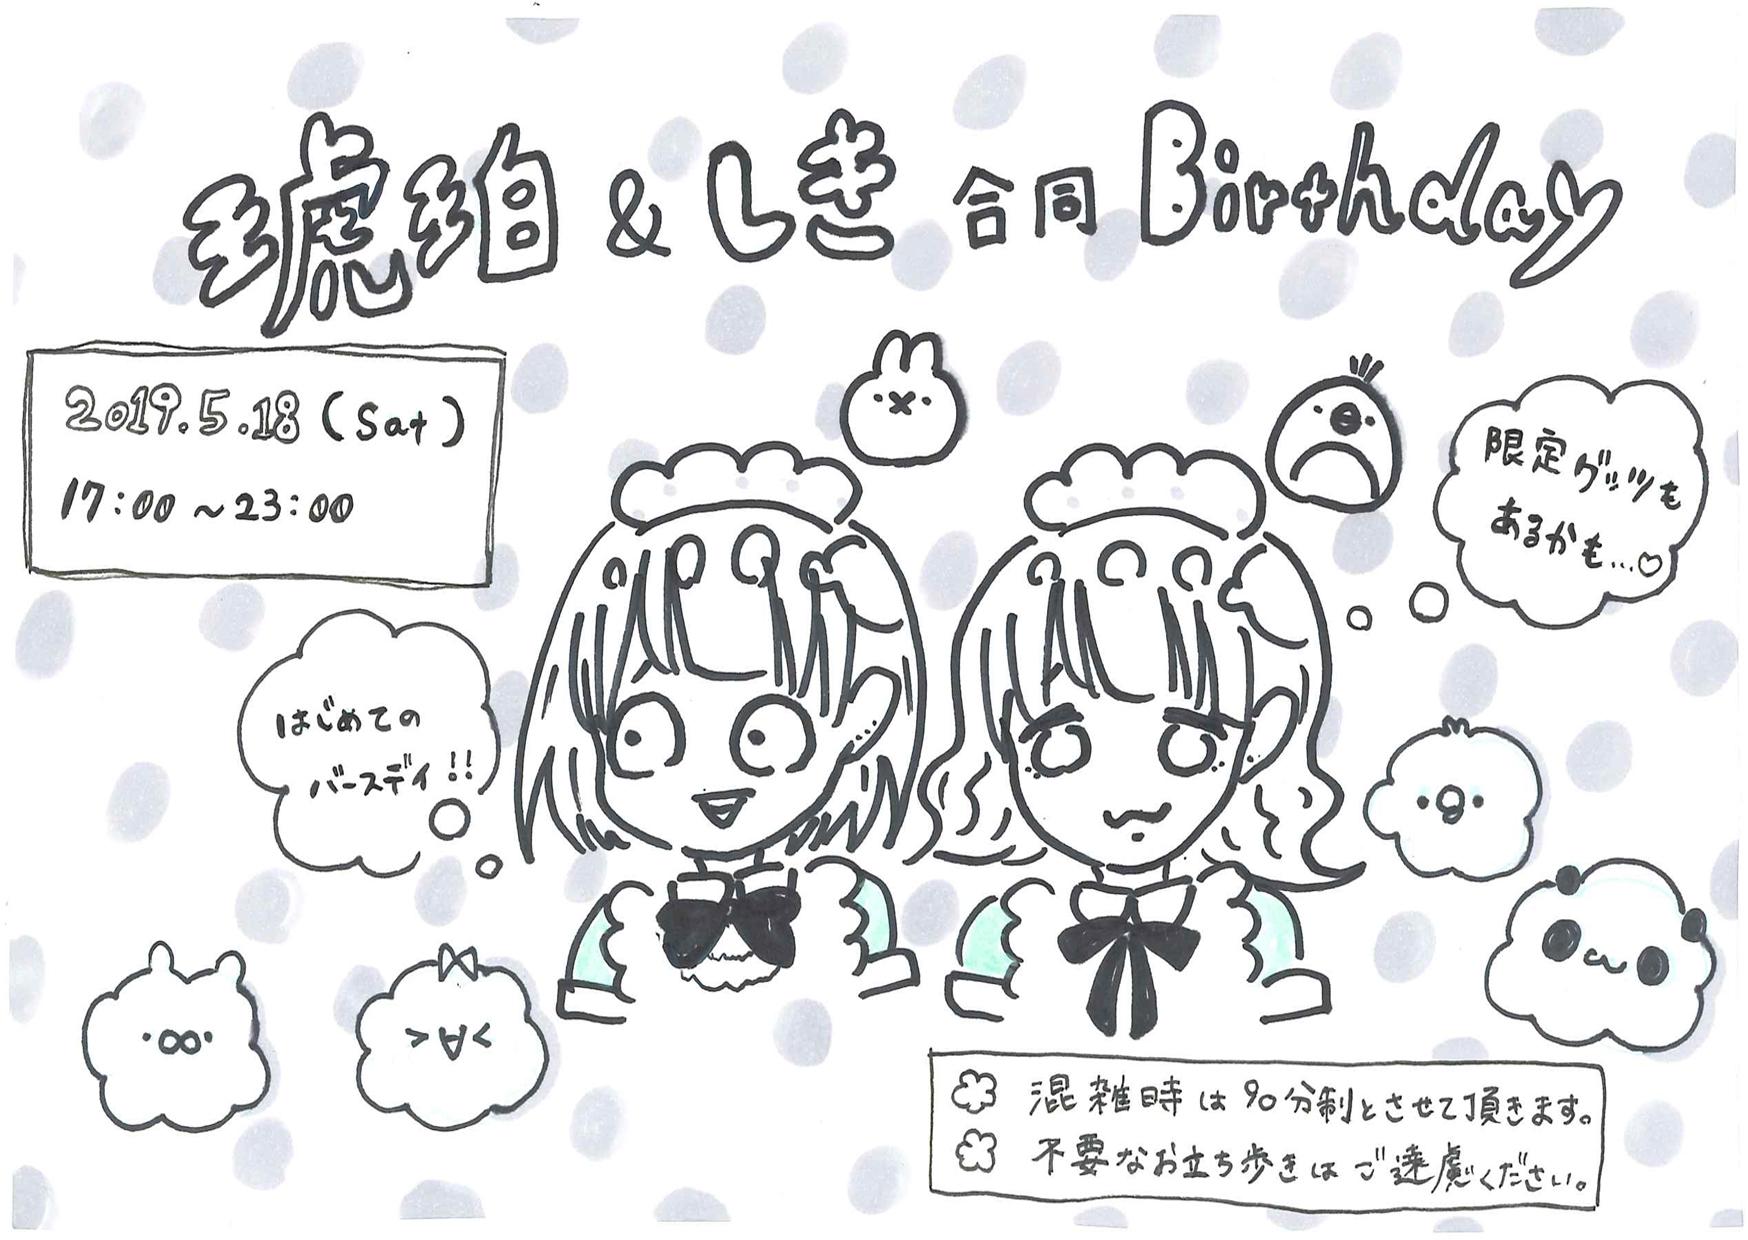 琥珀&しき合同birthday